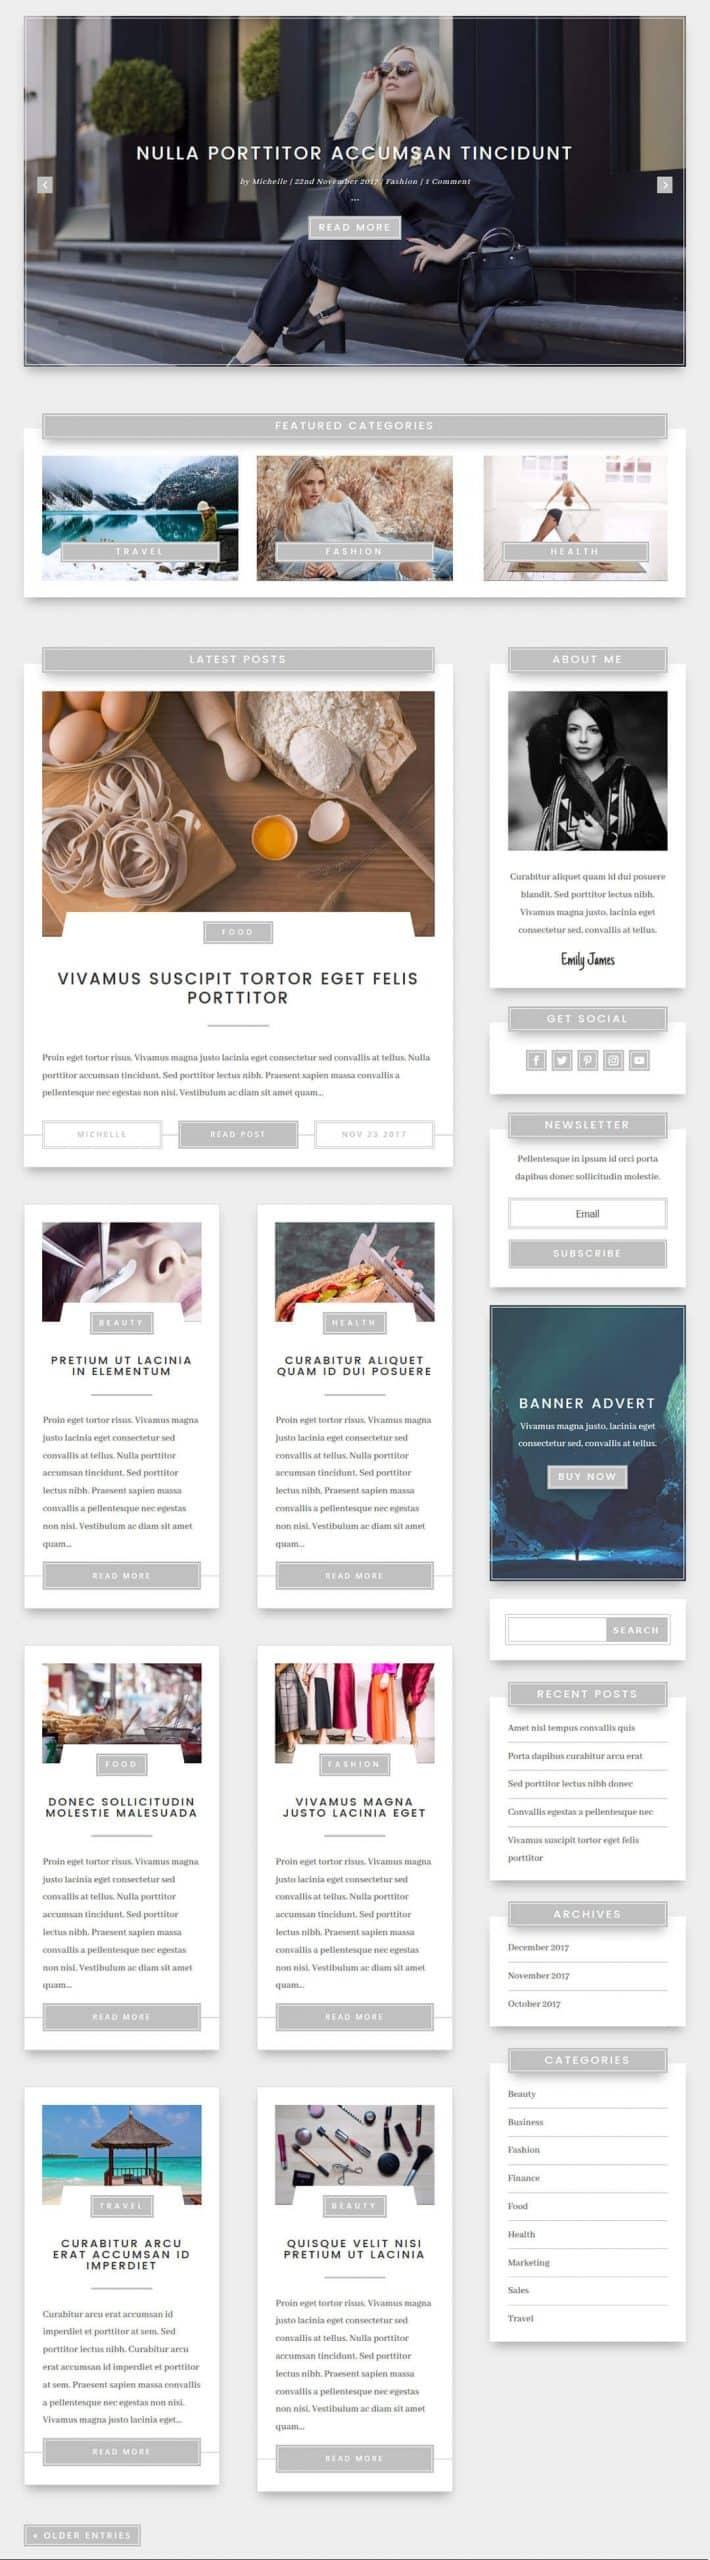 layouts divi pour page de blog